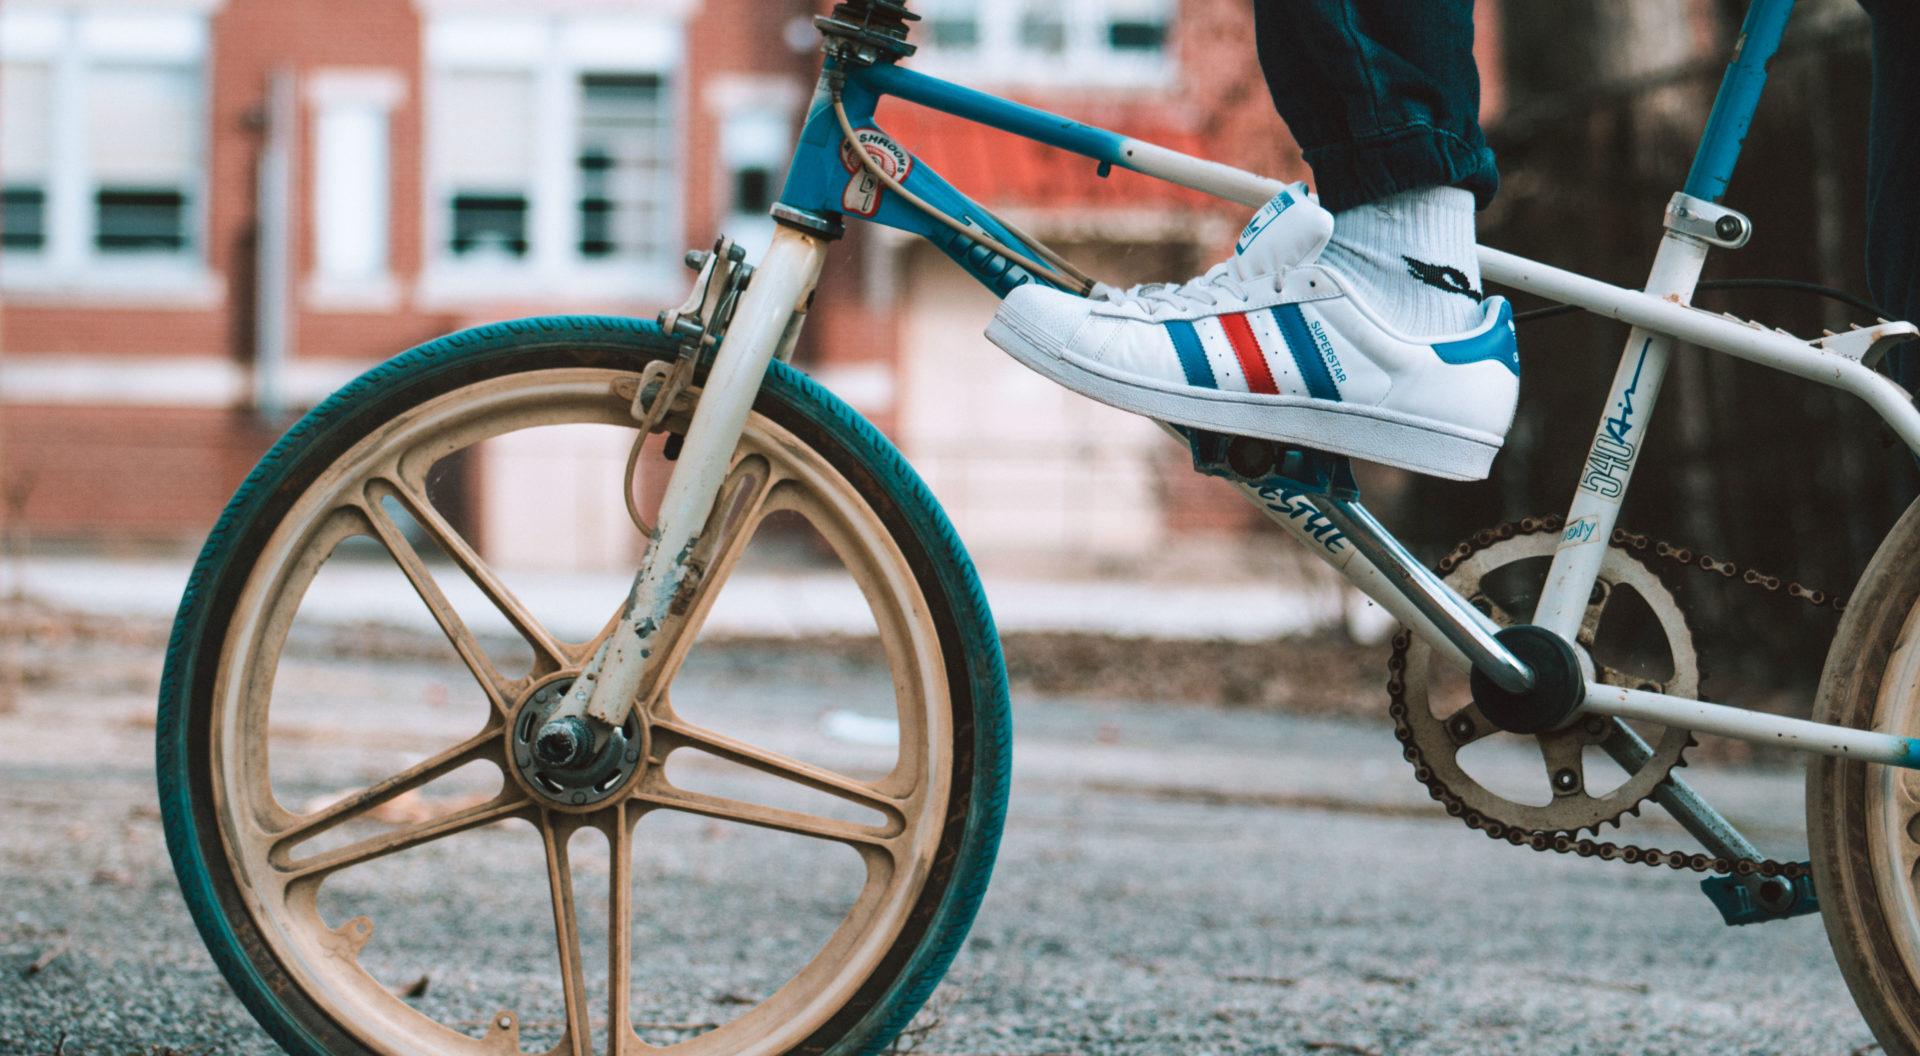 Adidas Built To Win Slogan | Intellectueel Eigendom Advocaten